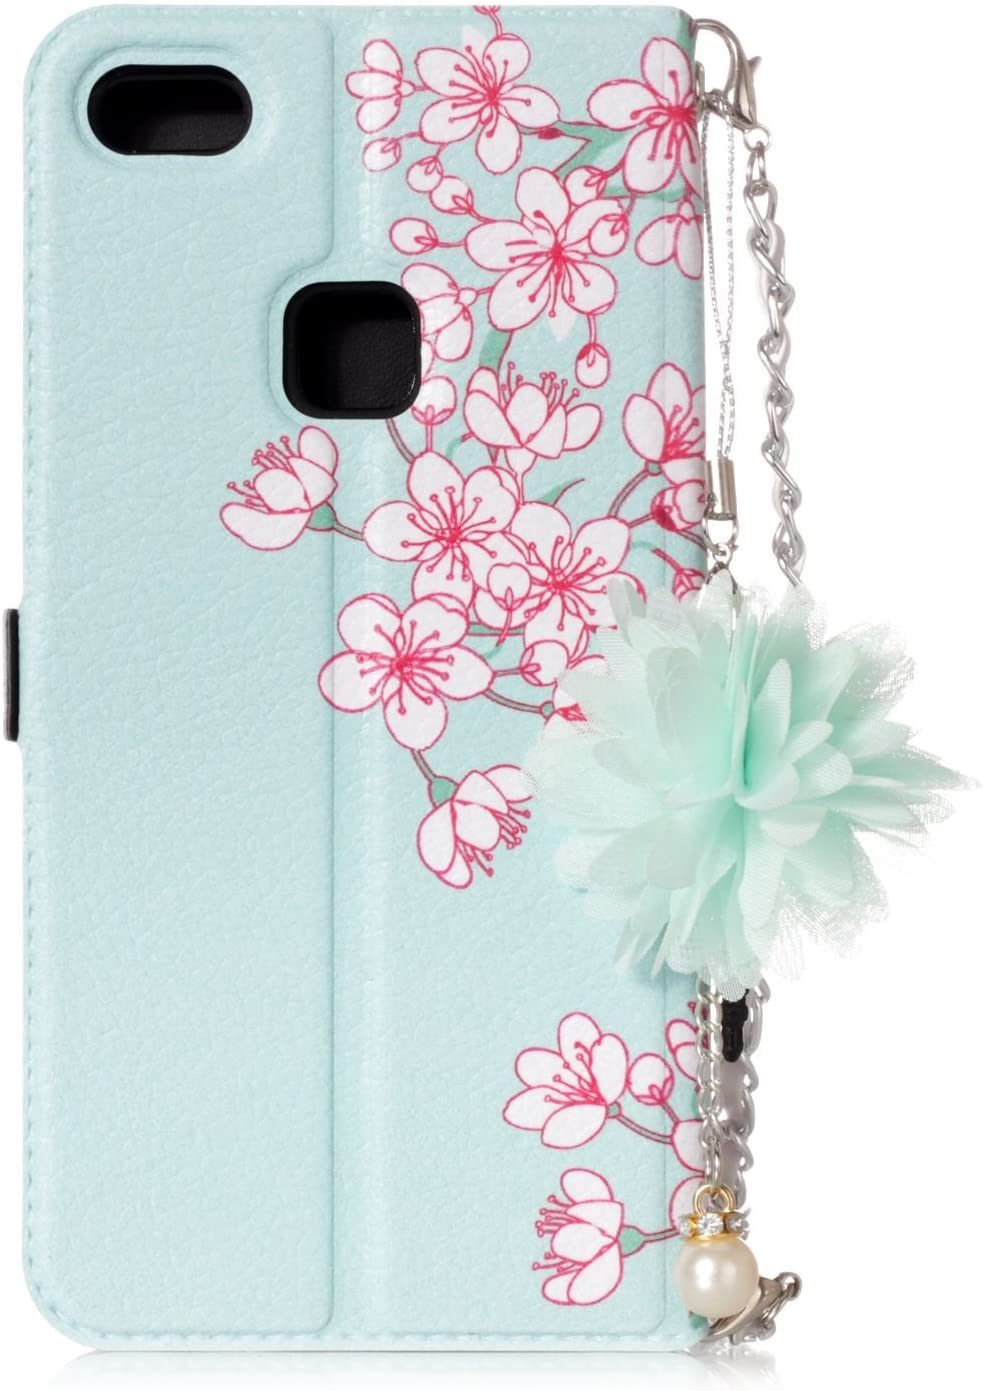 Blaue Rose TOCASO Schutzh/ülle f/ür Huawei P10 Lite Wallet Case Wallet Case Ledertasche Brieftasche mit Lanyard Ultra Slim Book Folio Handyh/ülle Klapph/ülle R/ückseite Stand Karte Halter Magnet